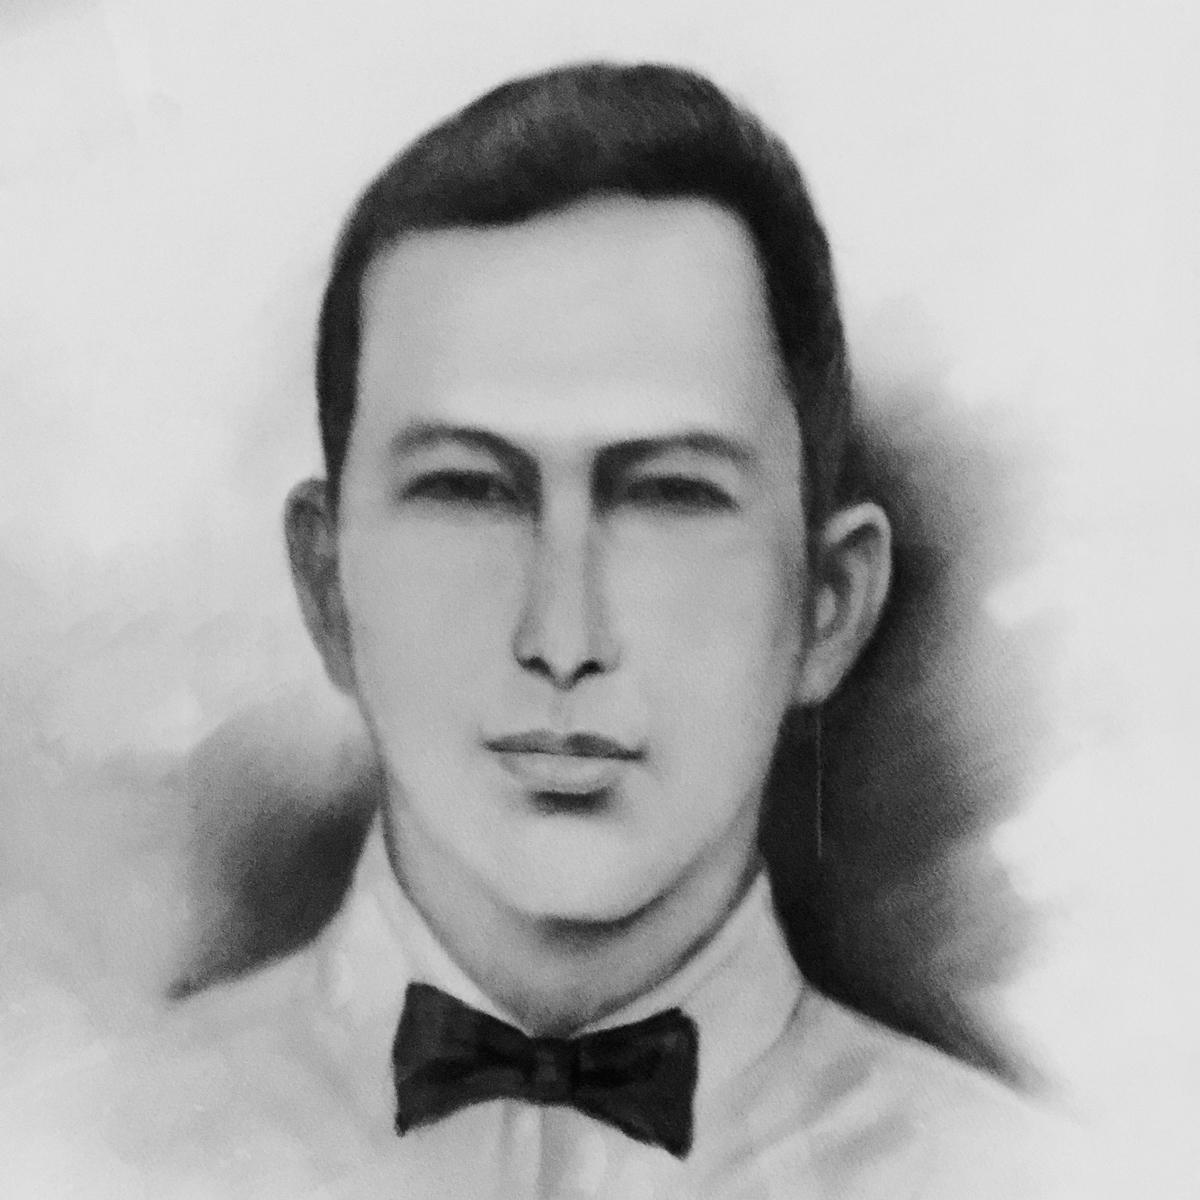 John M. Switzer